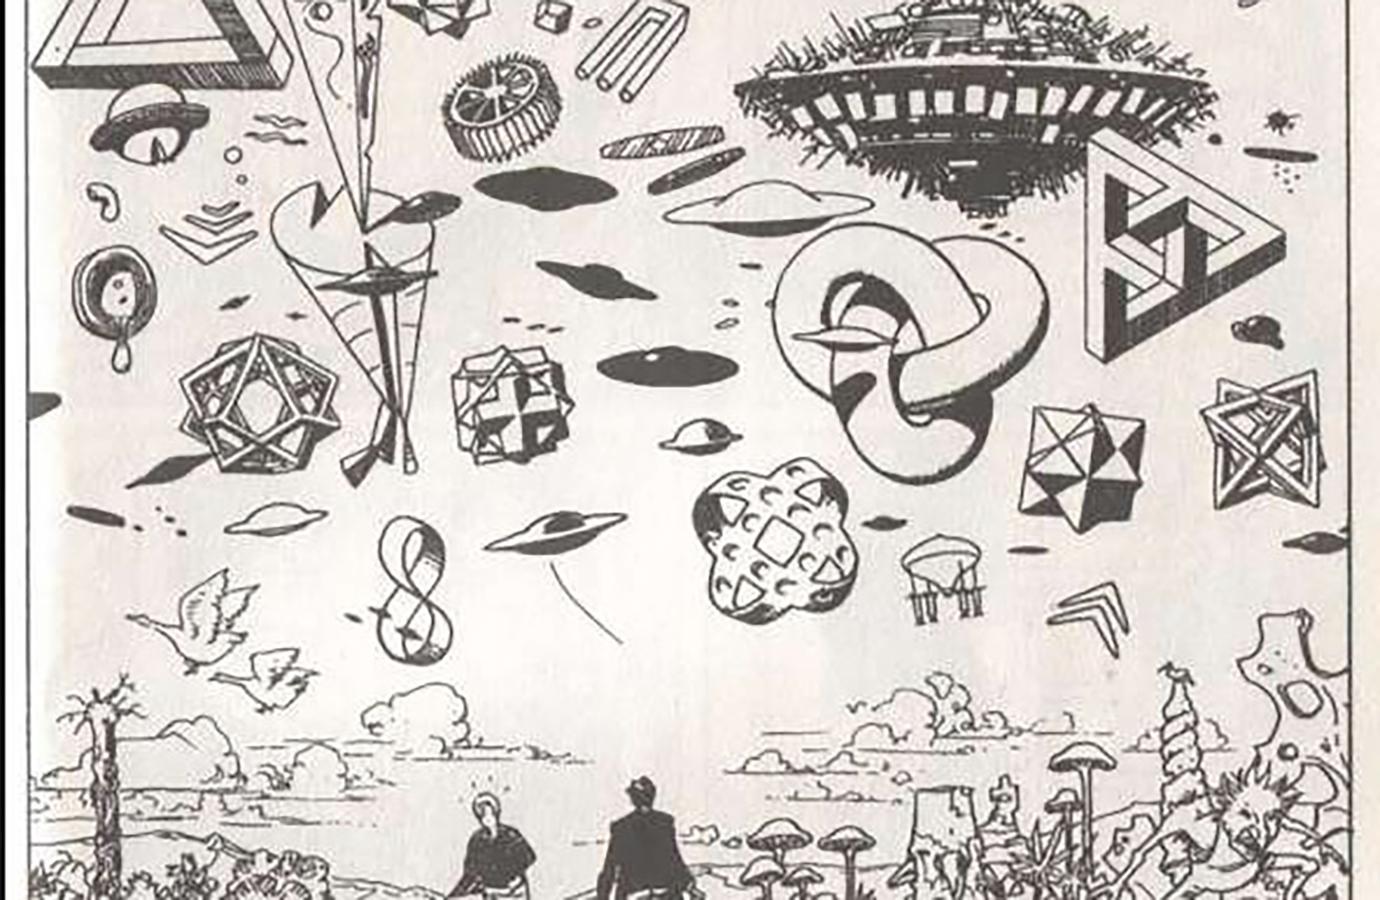 Orizont în X: black box-ul și jungla amazoniană